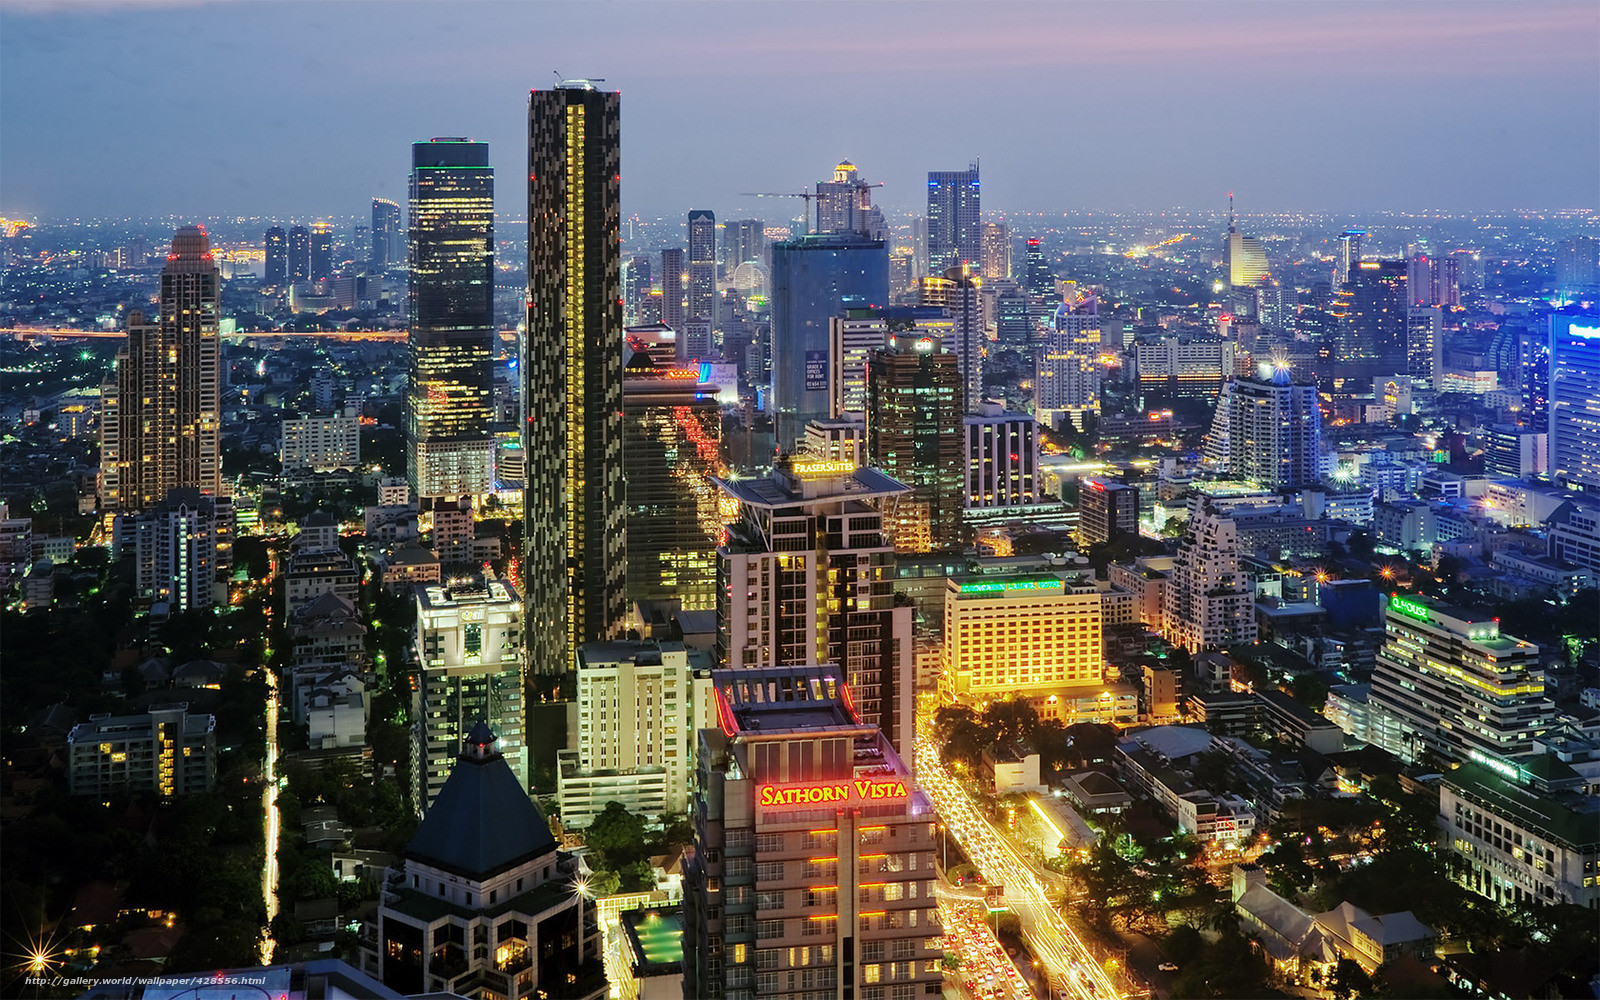 Download wallpaper thailand, Bangkok, city free desktop wallpaper in ...: gde-fon.com/download/thailand_Bangkok_city/428556/1680x1050